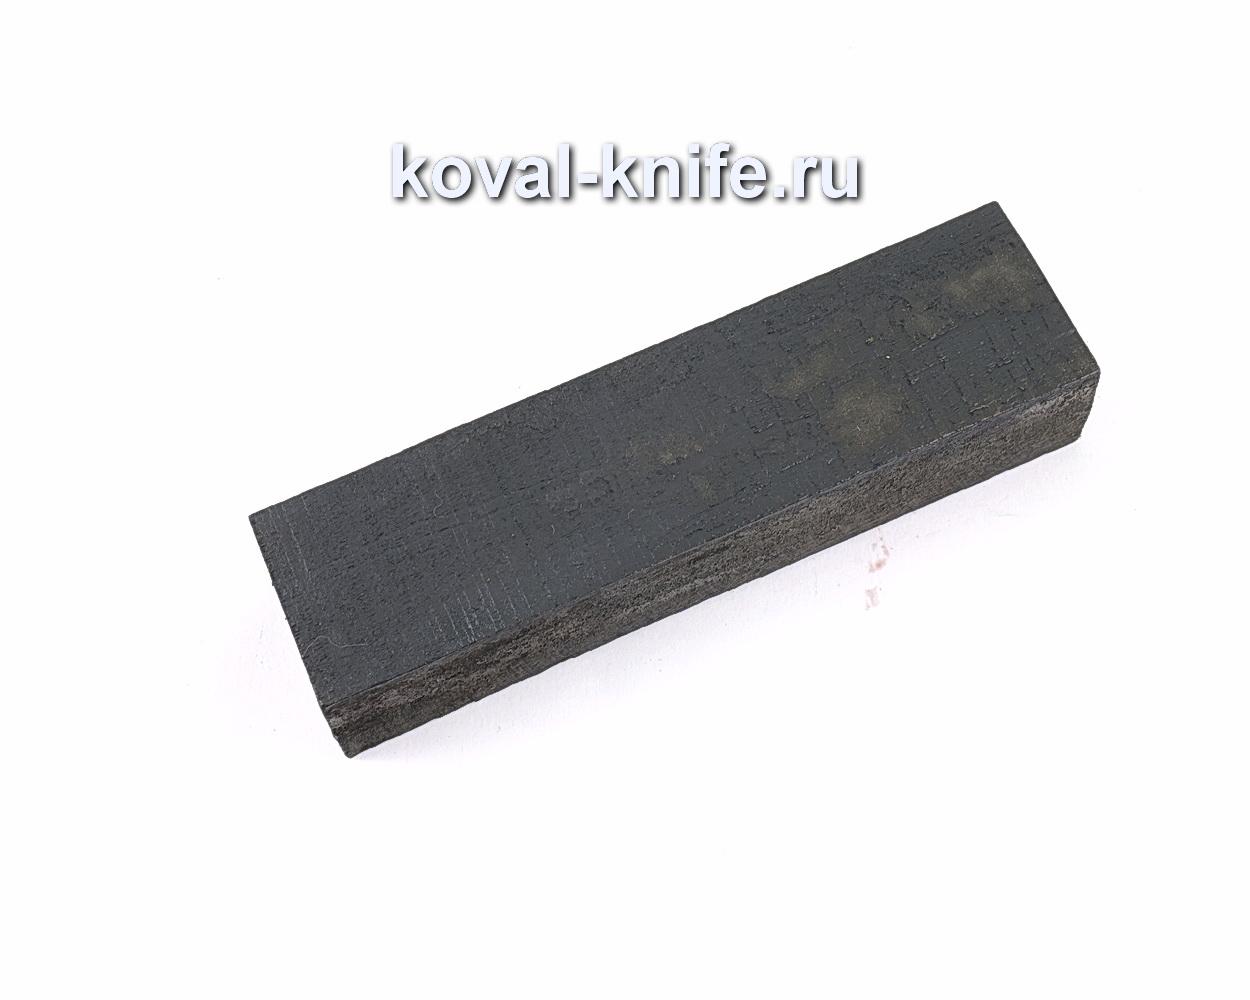 Брусок Граб черный для рукоятки ножа